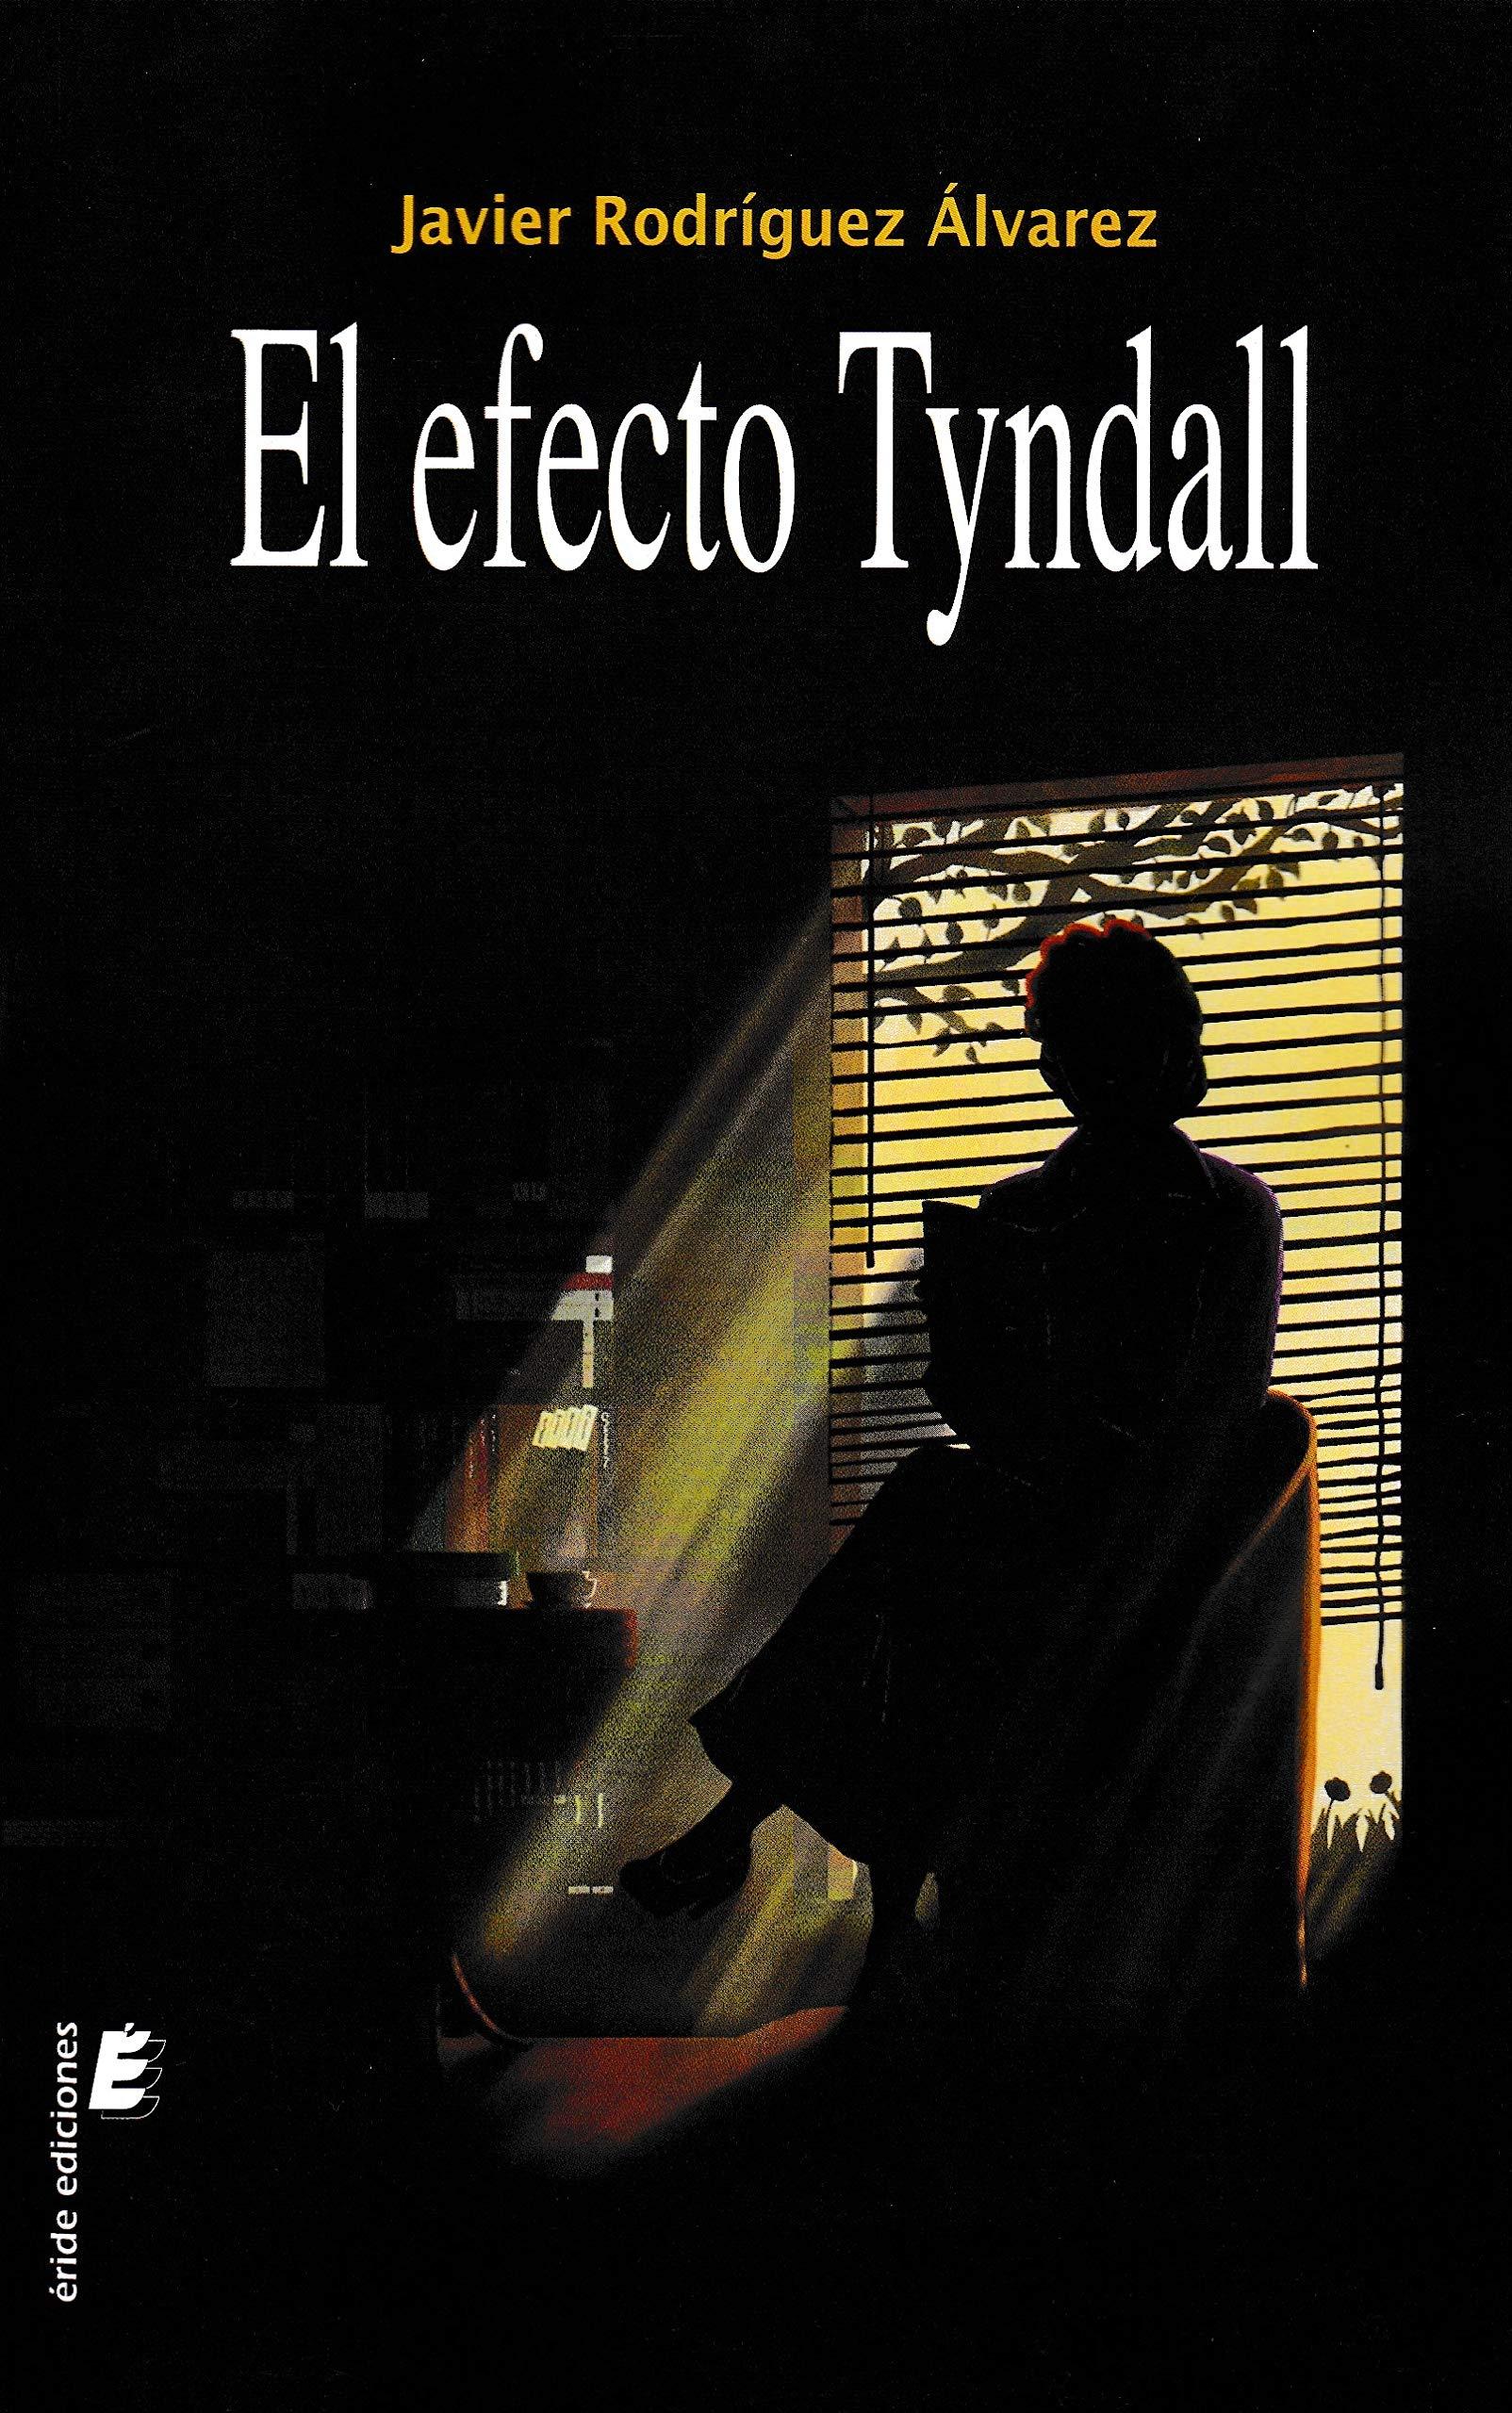 El efecto Tyndall: Amazon.es: Rodríguez Álvarez, Javier: Libros